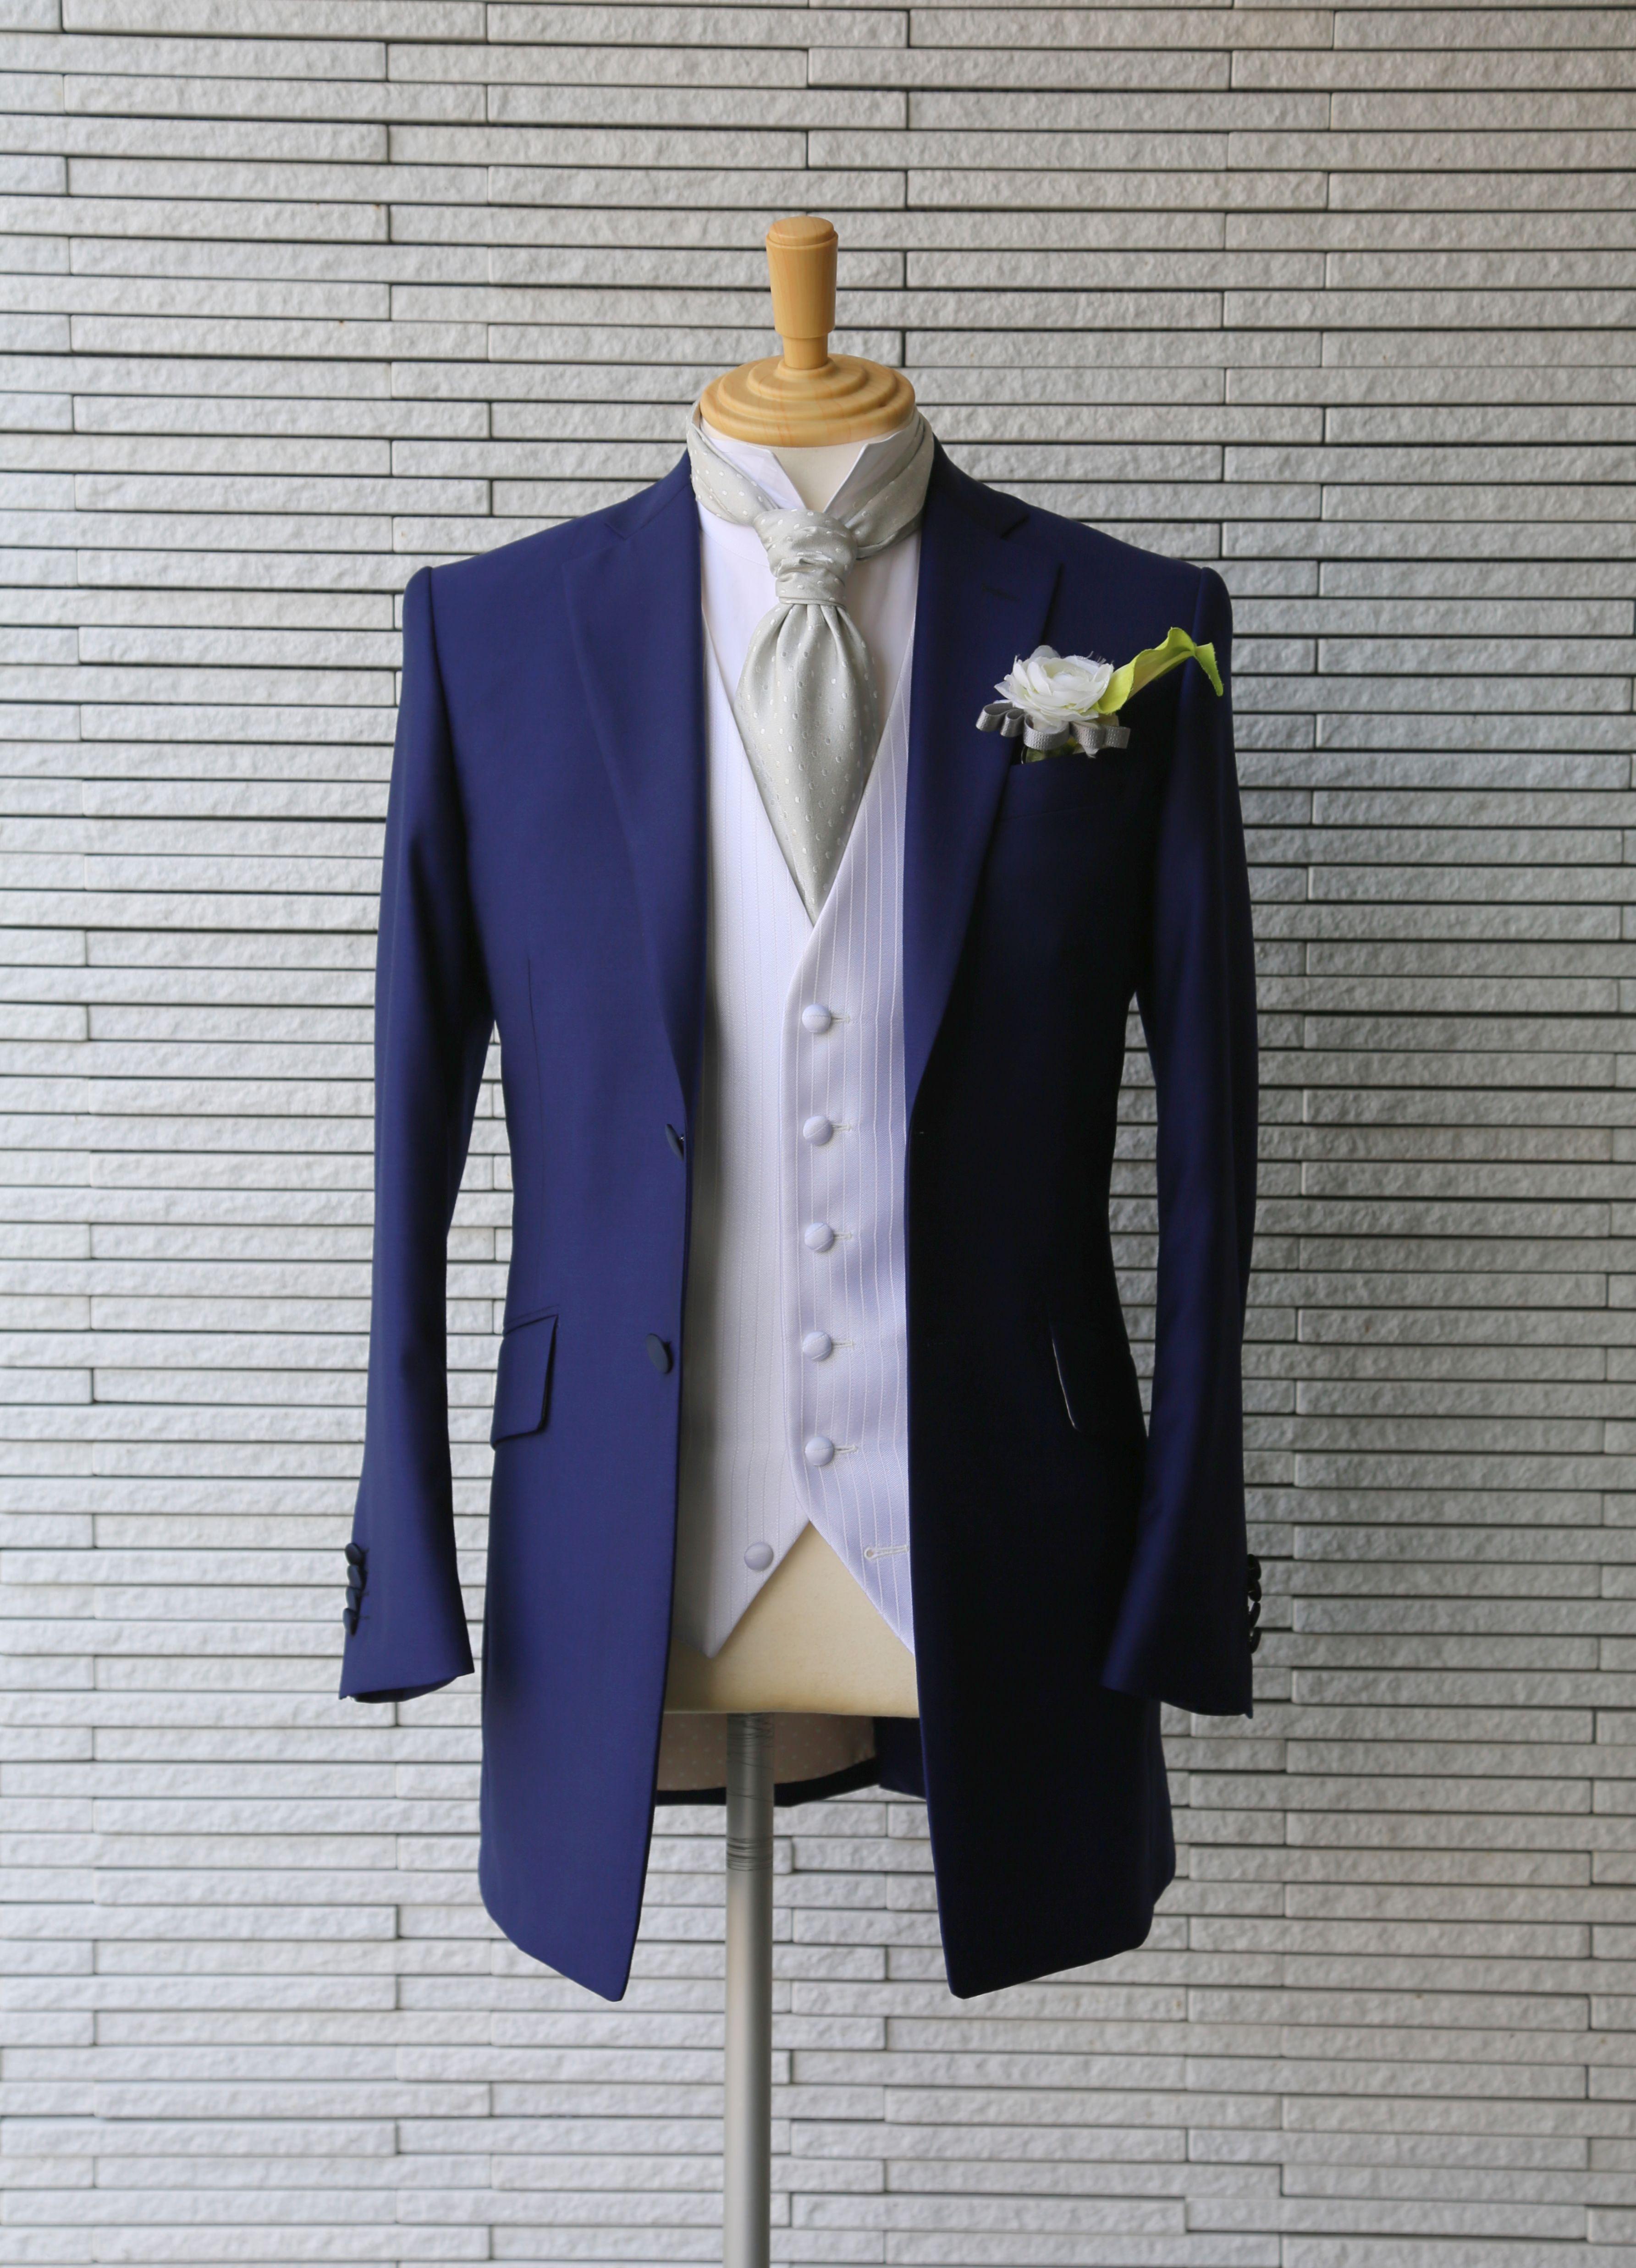 ブルーの新郎衣装